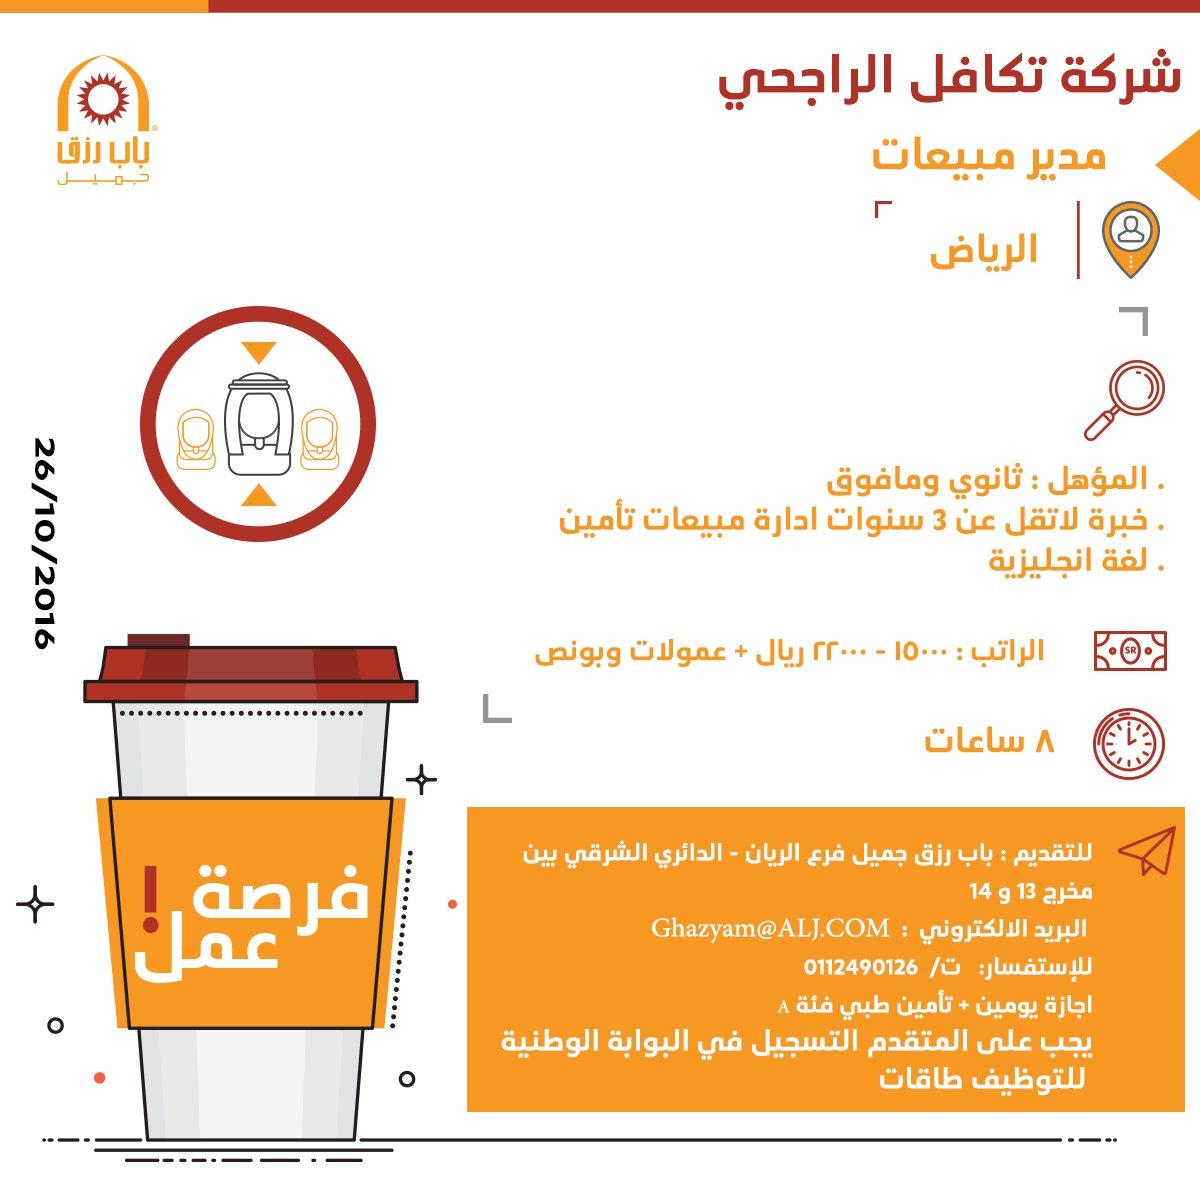 مطلوب مدير مبيعات لشركة تكافل الراجحي - الرياض